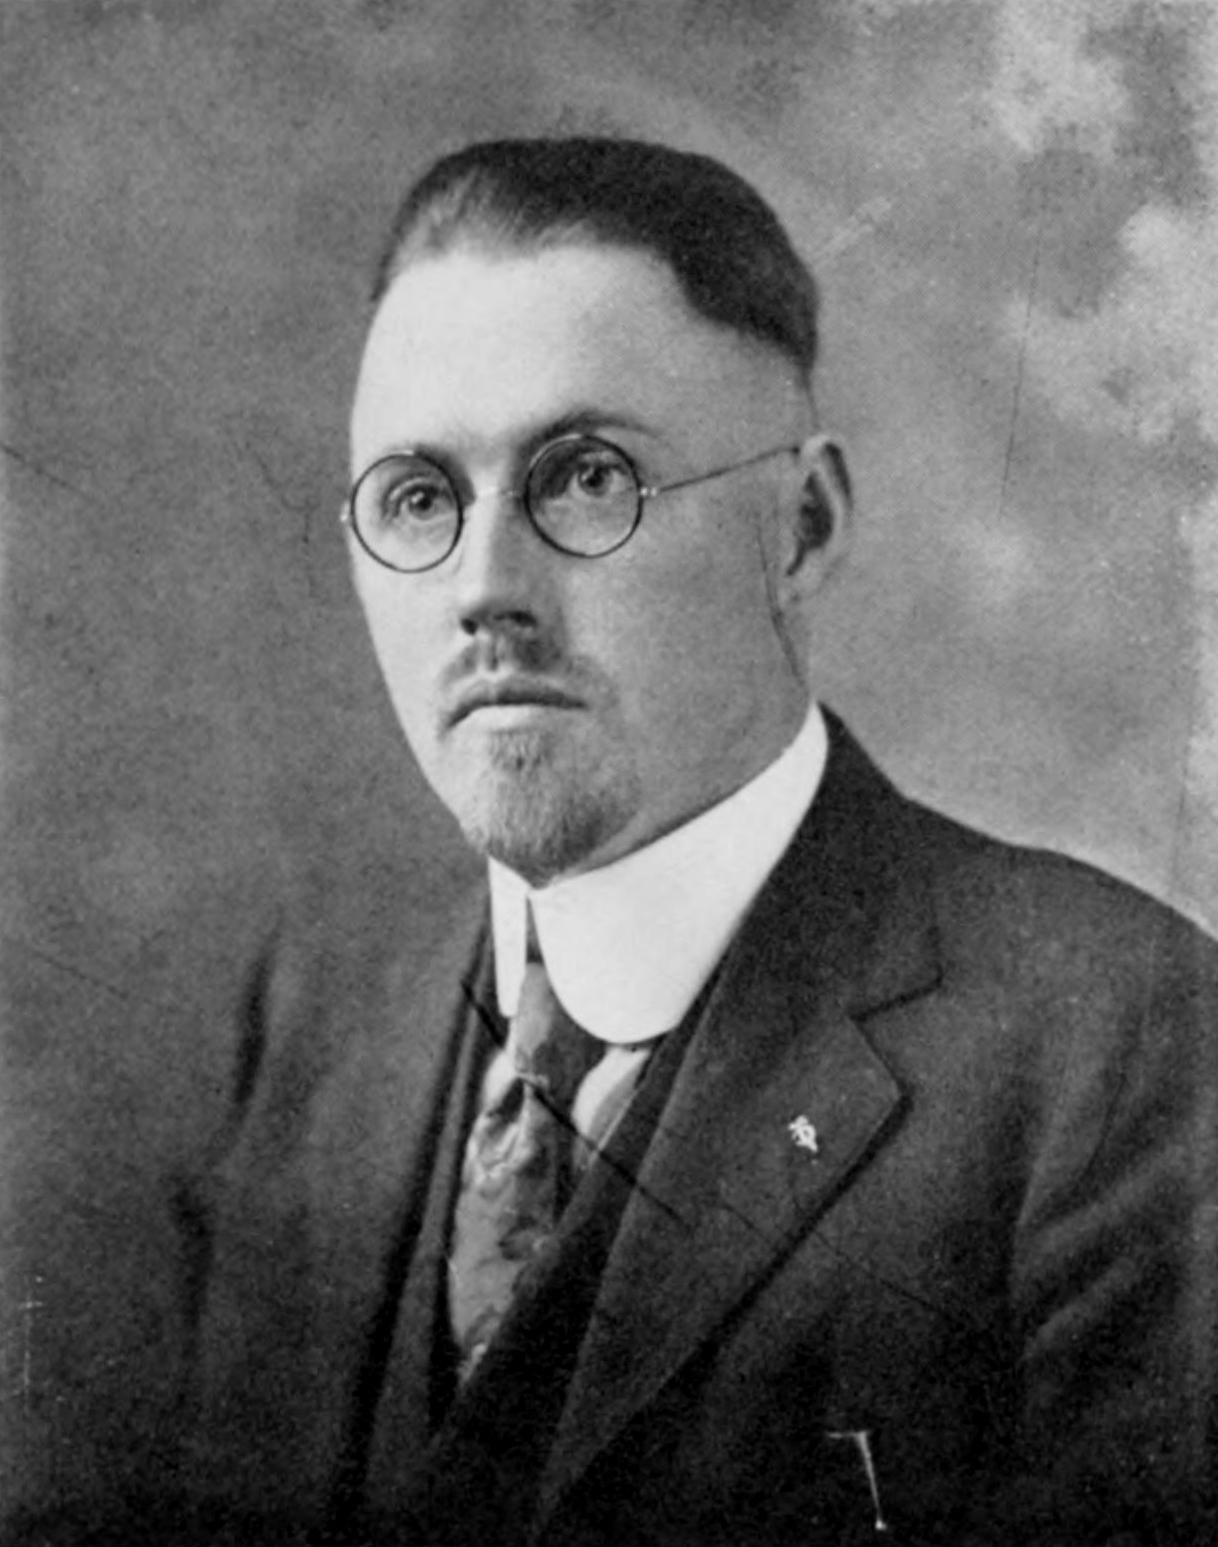 John R. Brinkley, louco